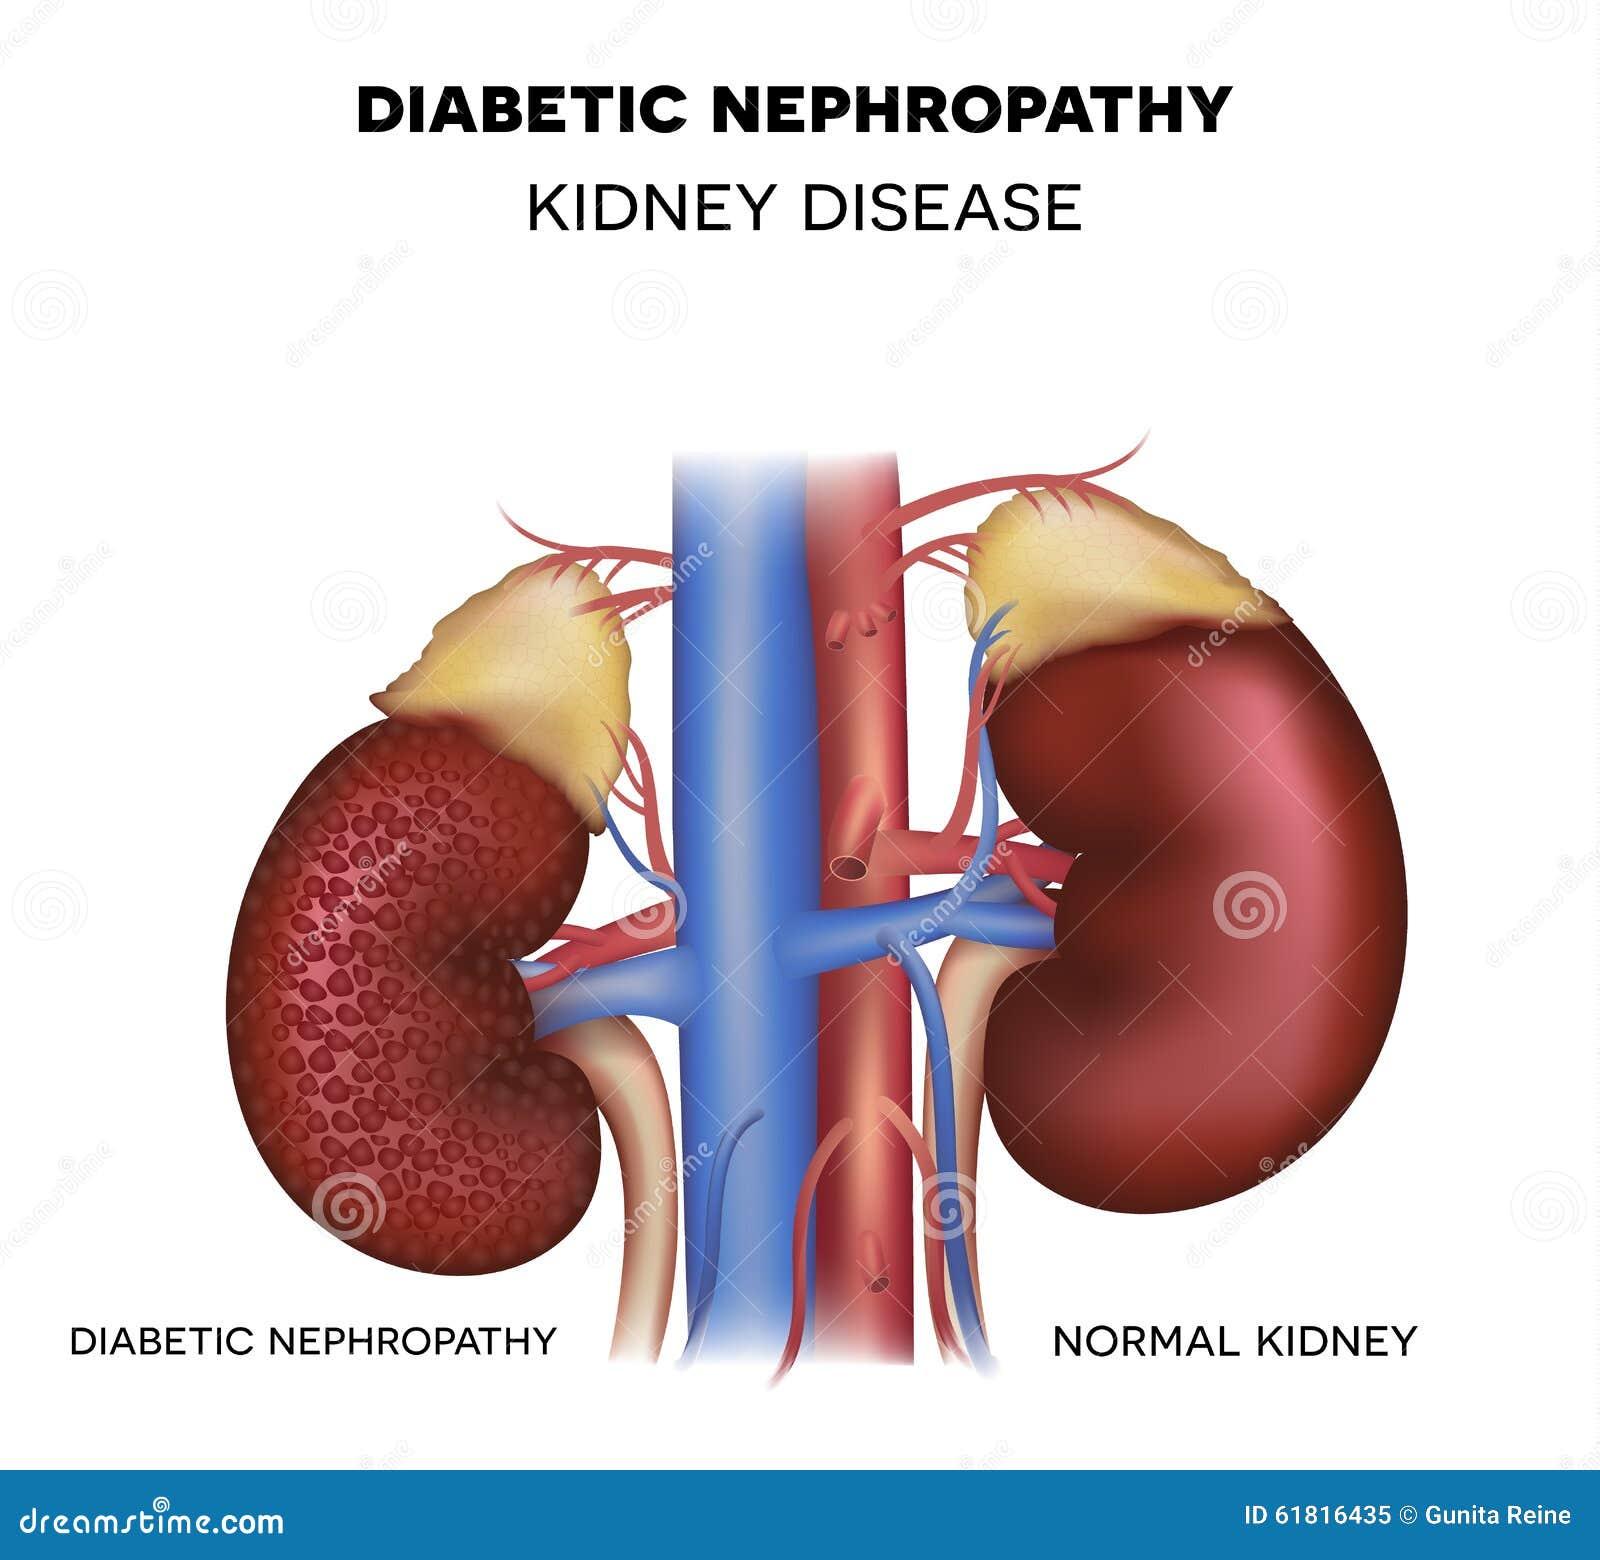 Diabetic Nephropathy Kidney Disease